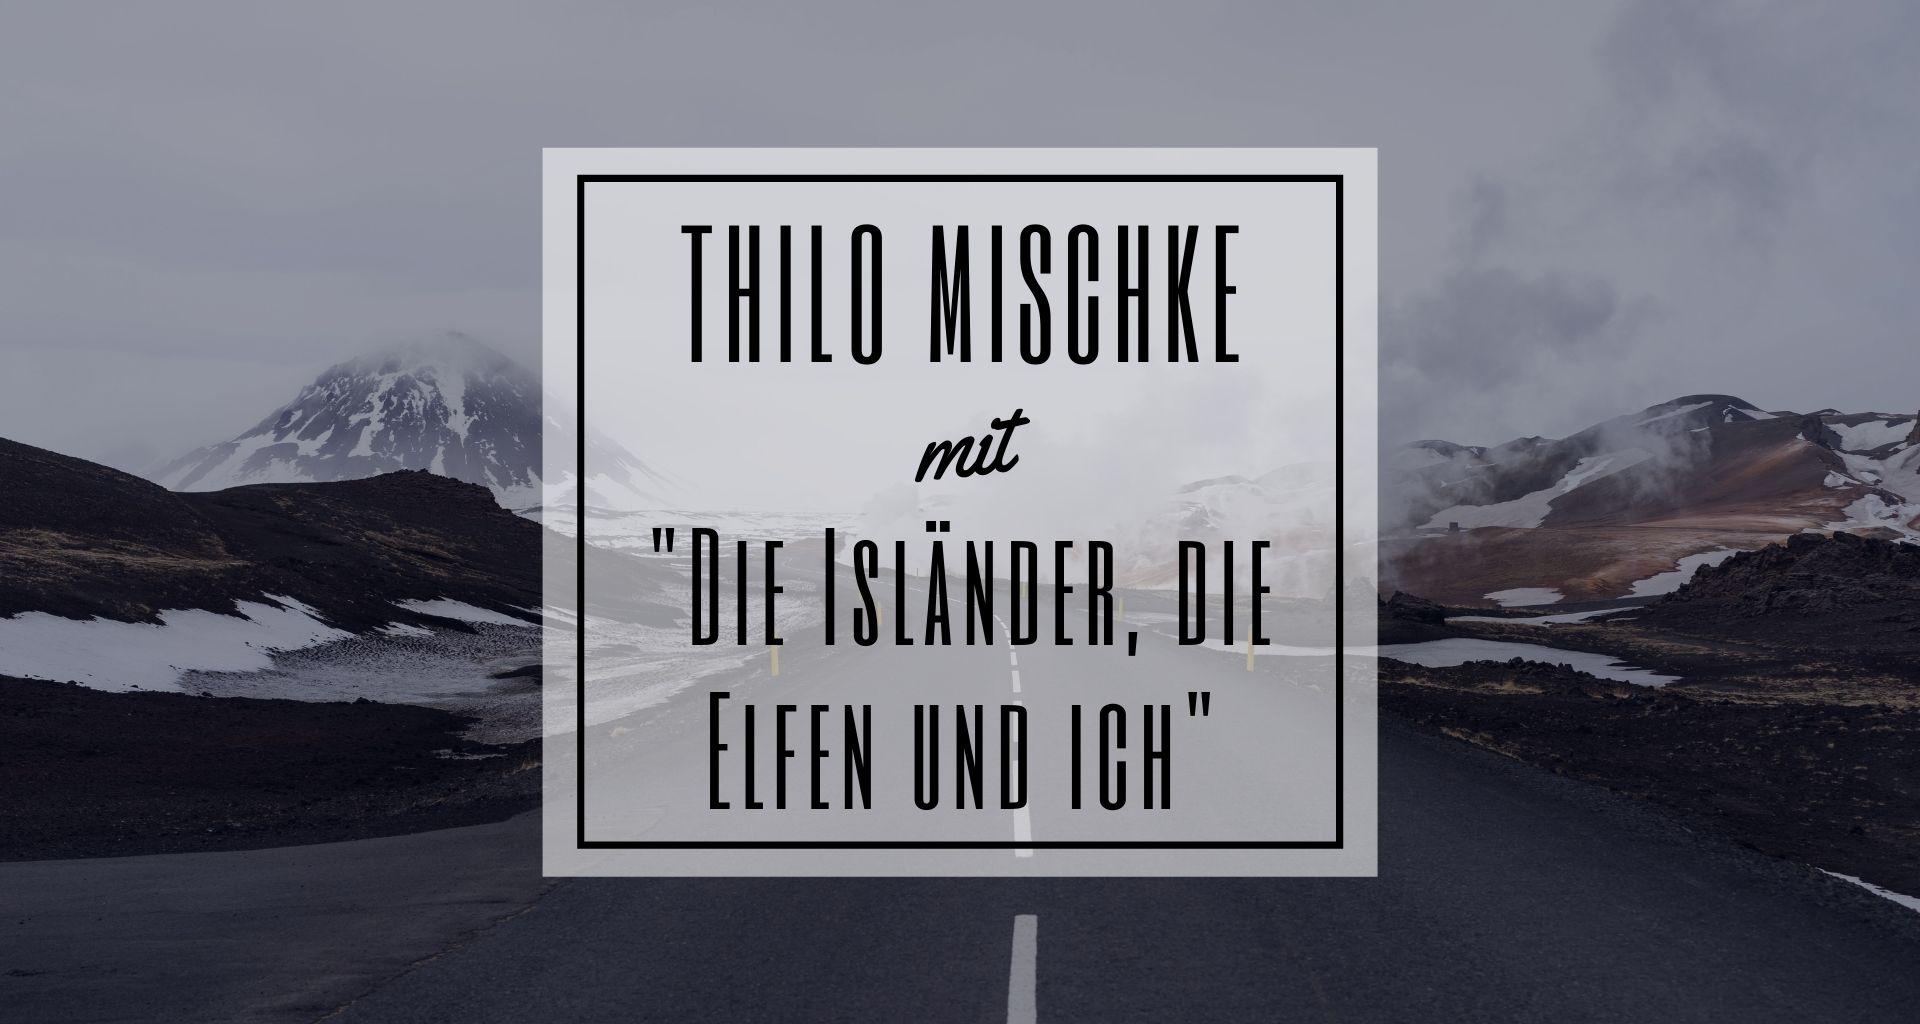 """Top Event - Thilo Mischke: """"Die Isländer, die Elfen und ich"""""""